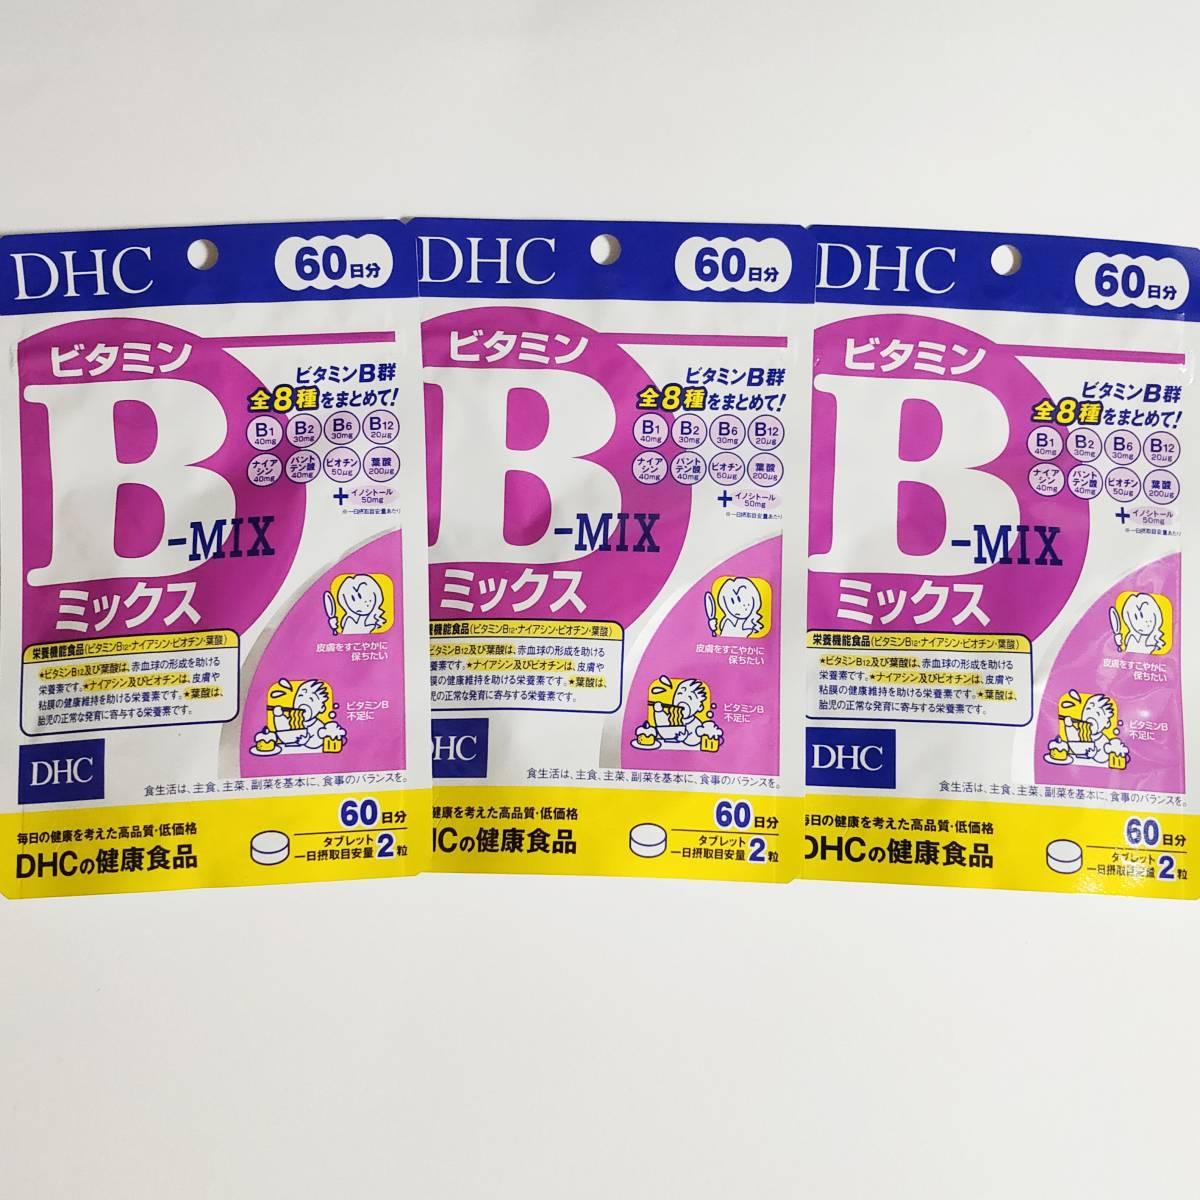 【DHC サプリメント】ビタミンBミックス 180日分(60日分×3袋) ビタミンB群 ナイアシン ビオチン 葉酸 サプリ 健康食品 未開封 送料無料_画像1